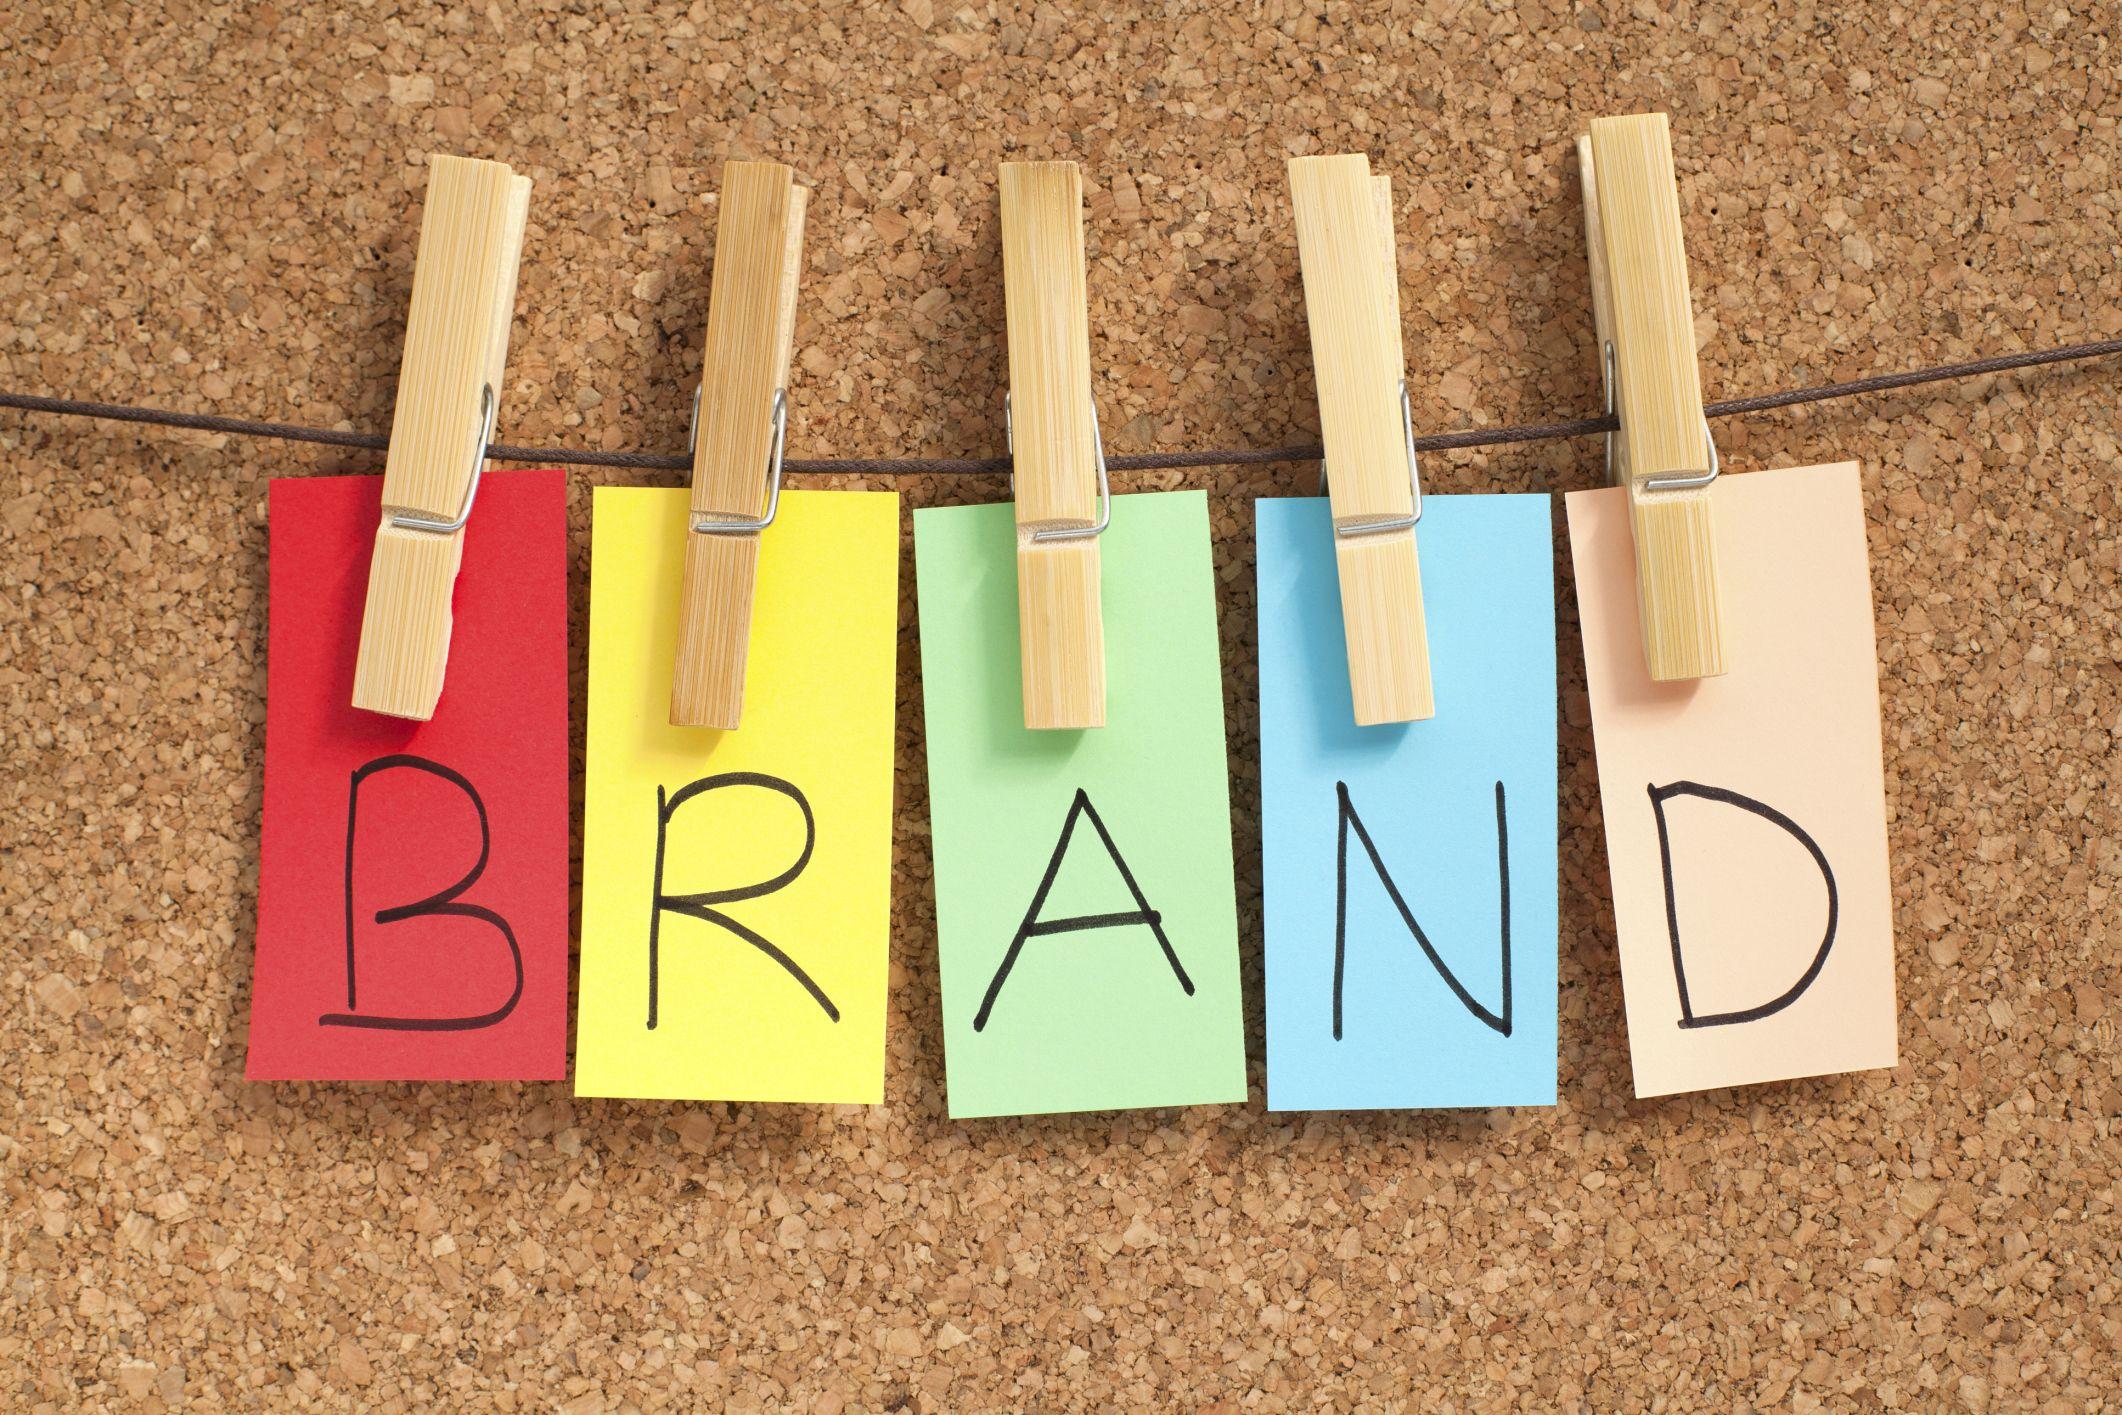 Trabaja el 'branding' de tu empresa y marca la diferencia